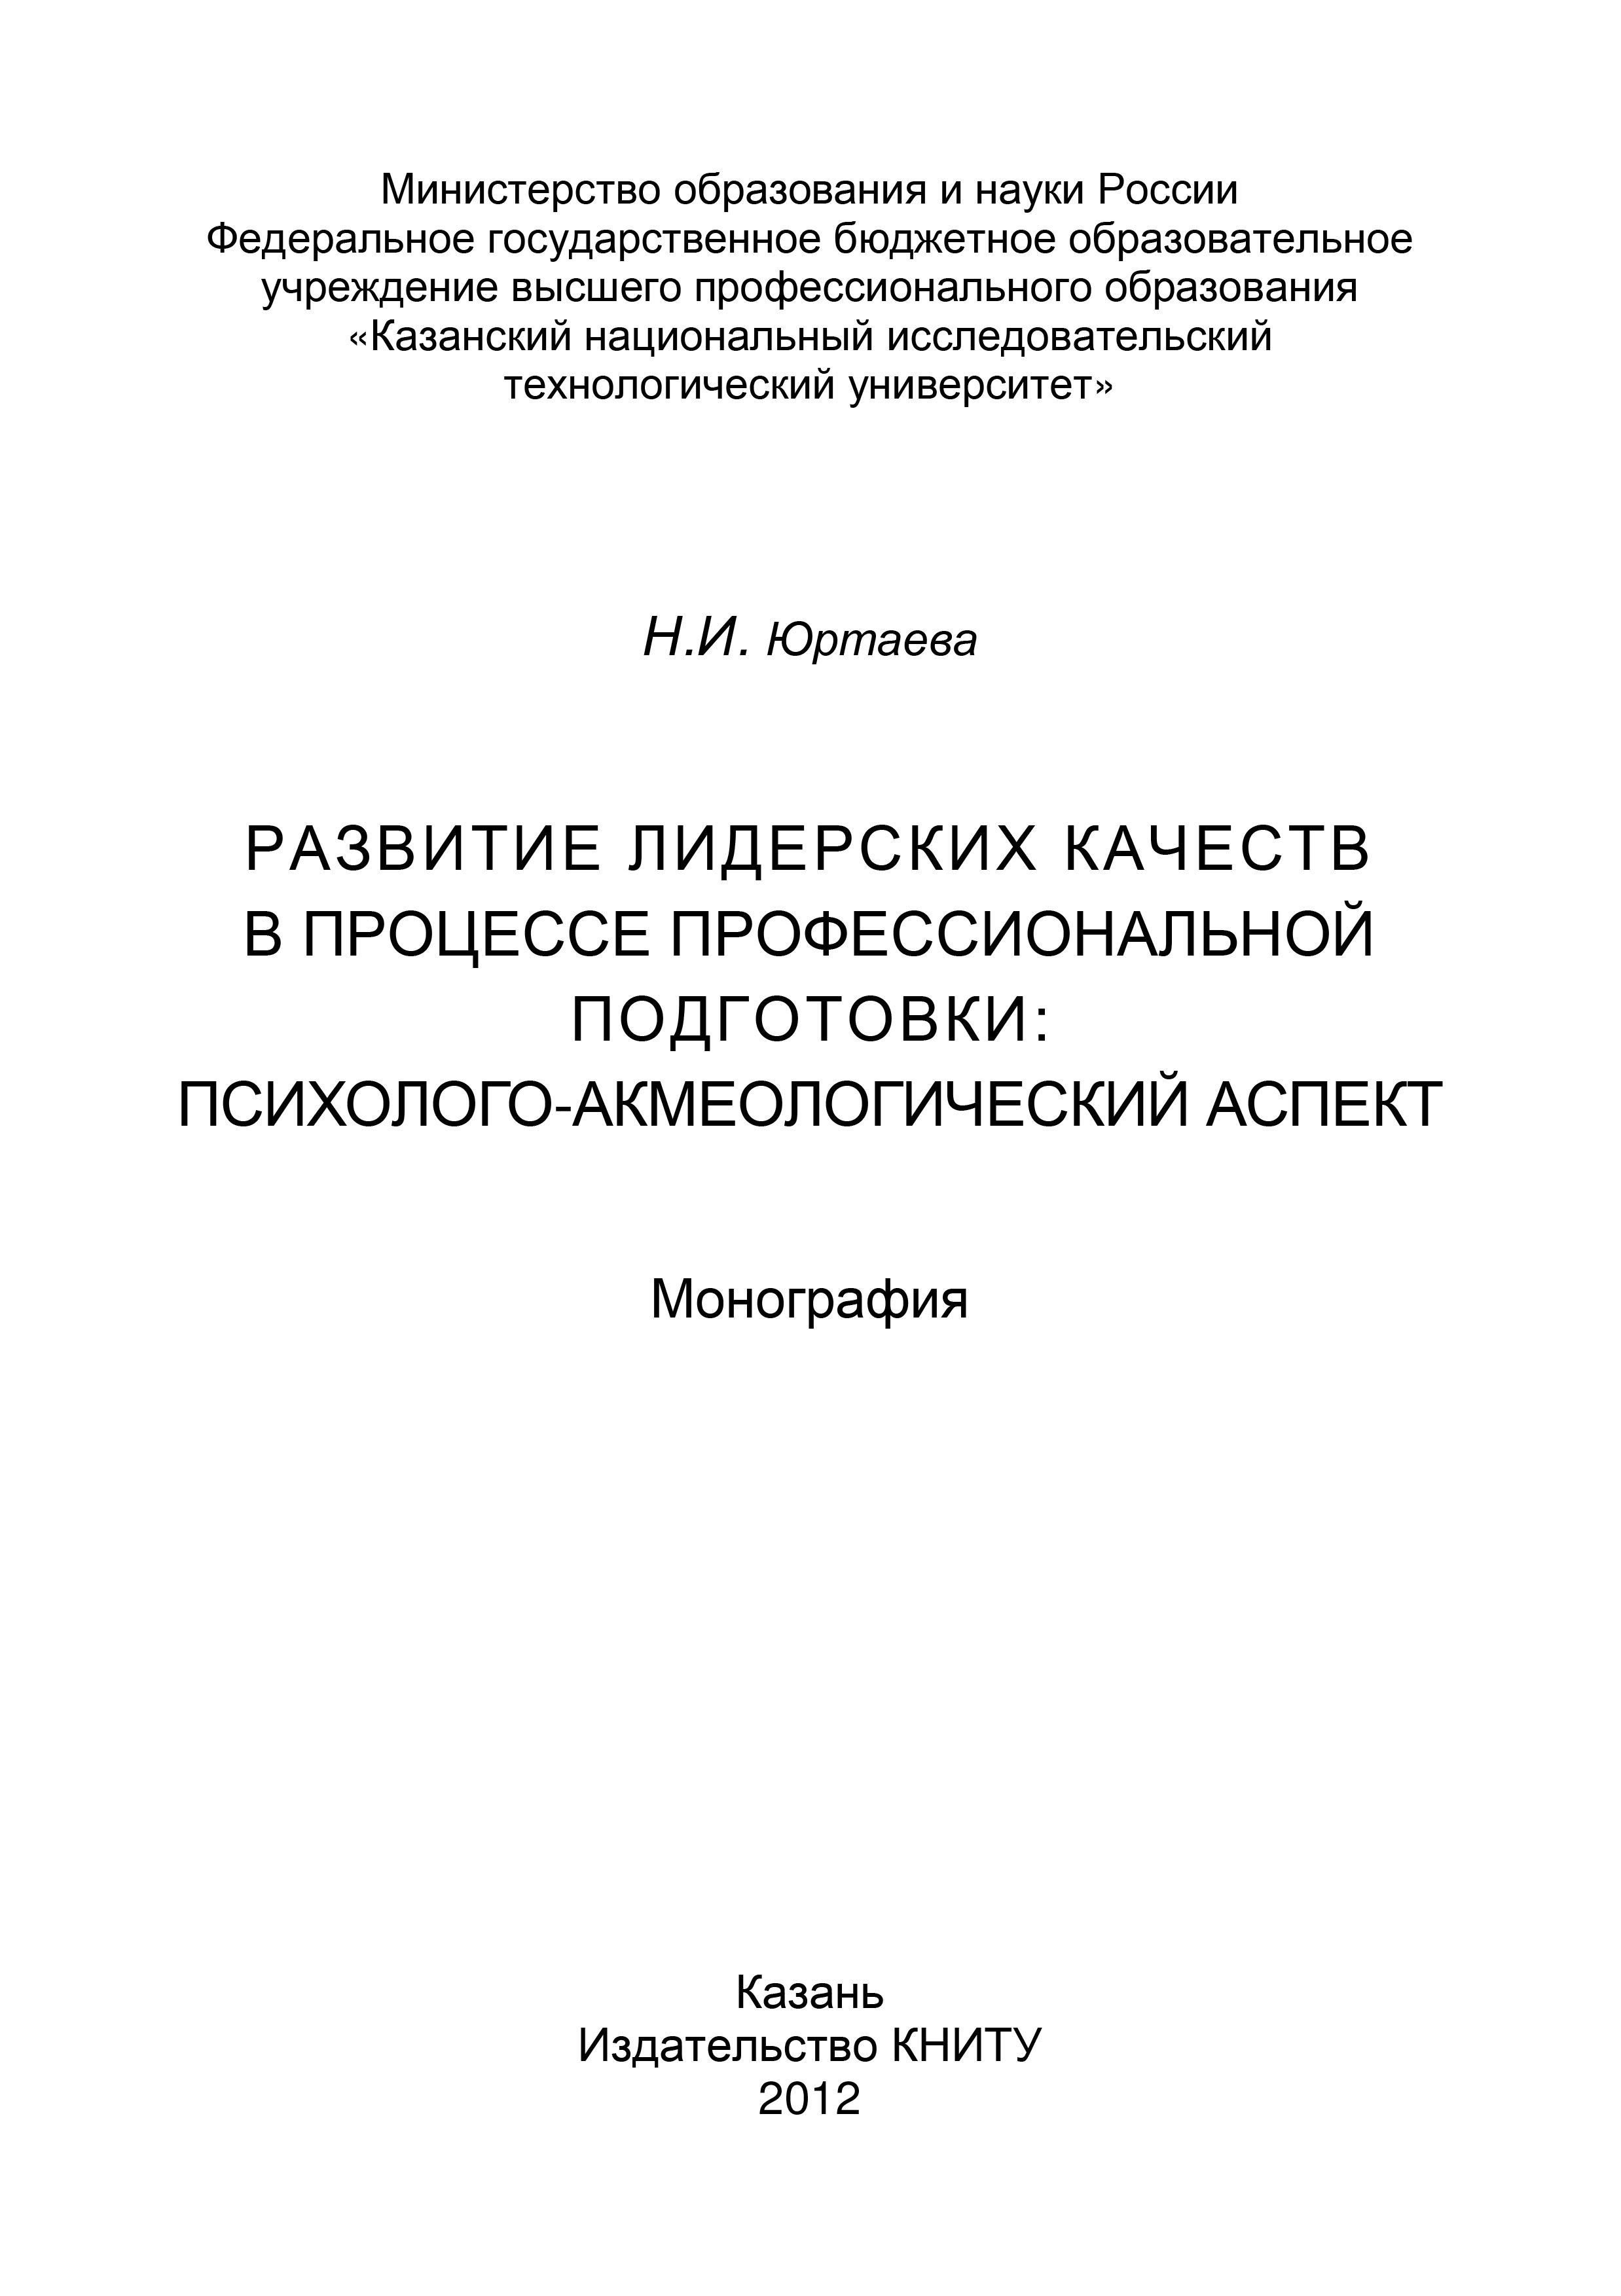 Н. И. Юртаева Развитие лидерских качеств в процессе профессиональной подготовки: психолого-акмеологический аспект